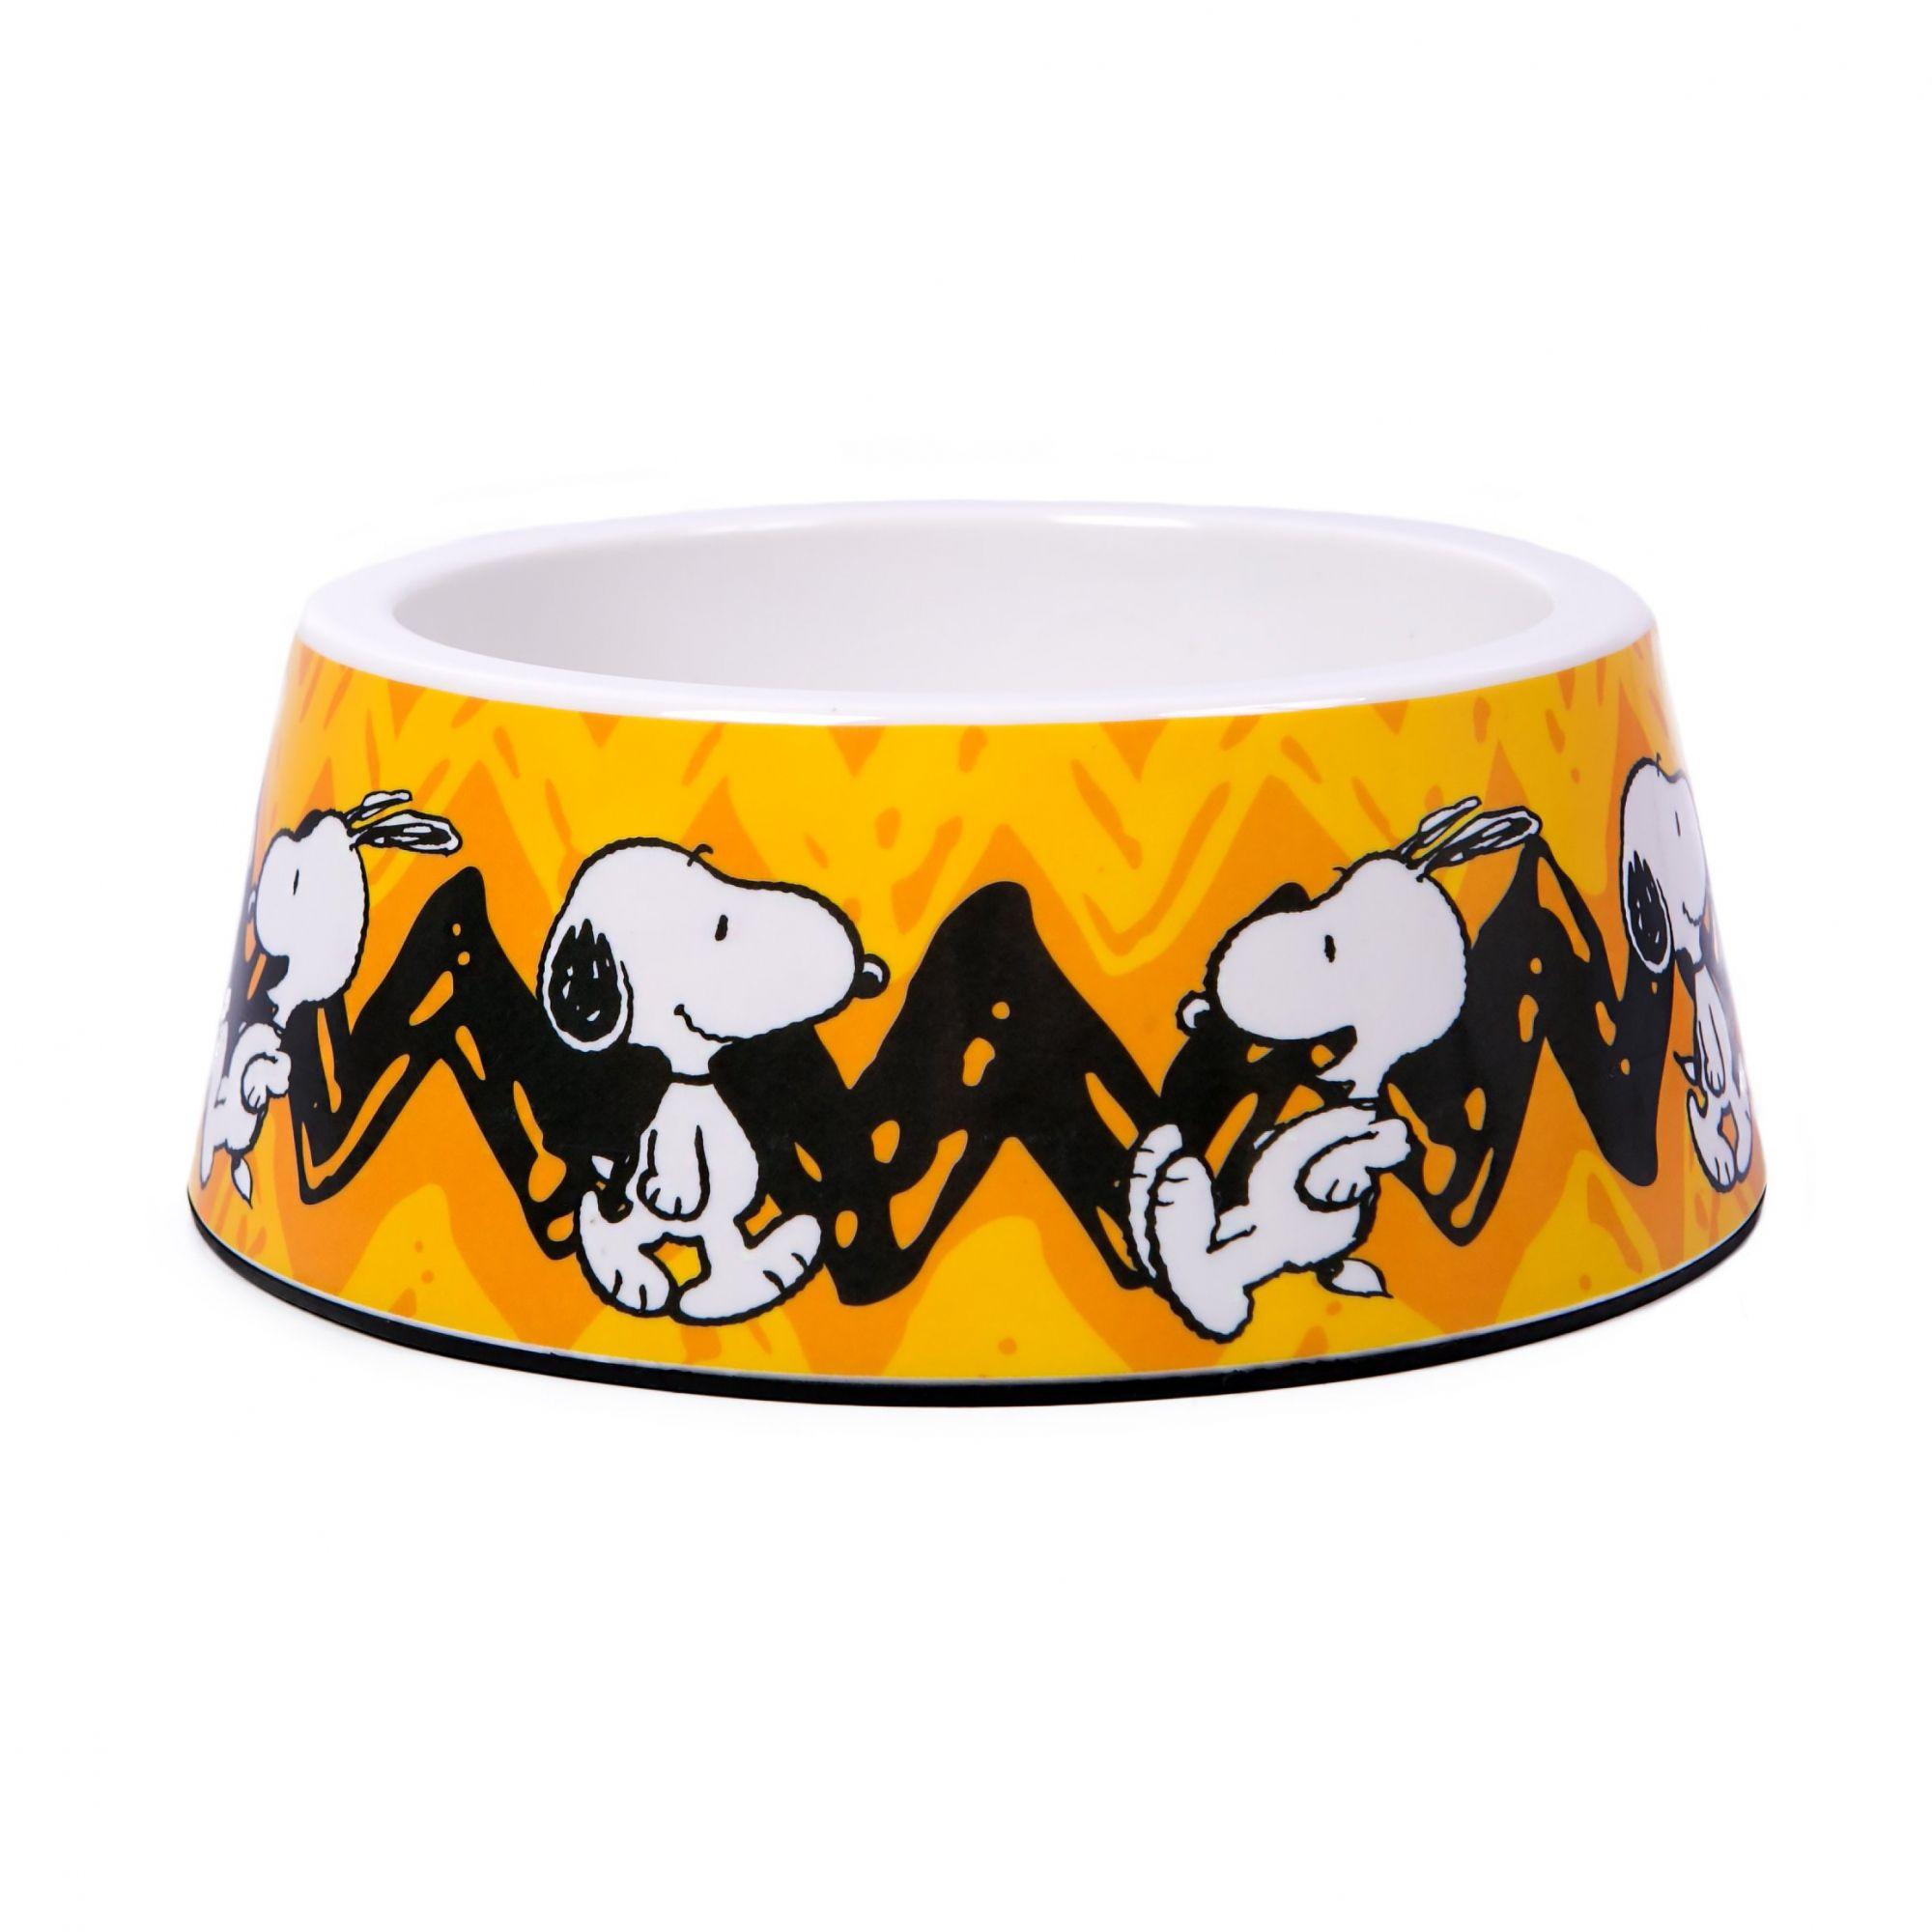 Comedouro melamina cães - Snoopy Charlie